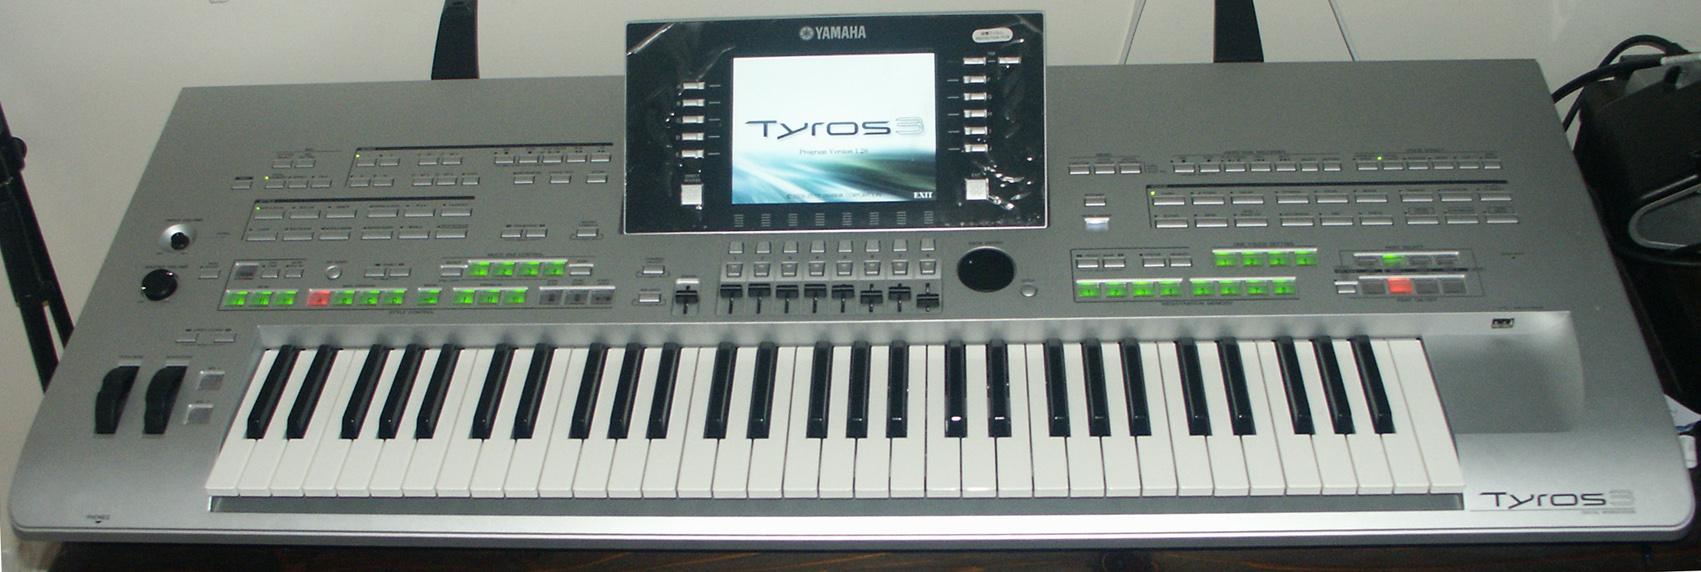 Tyros  Yamaha